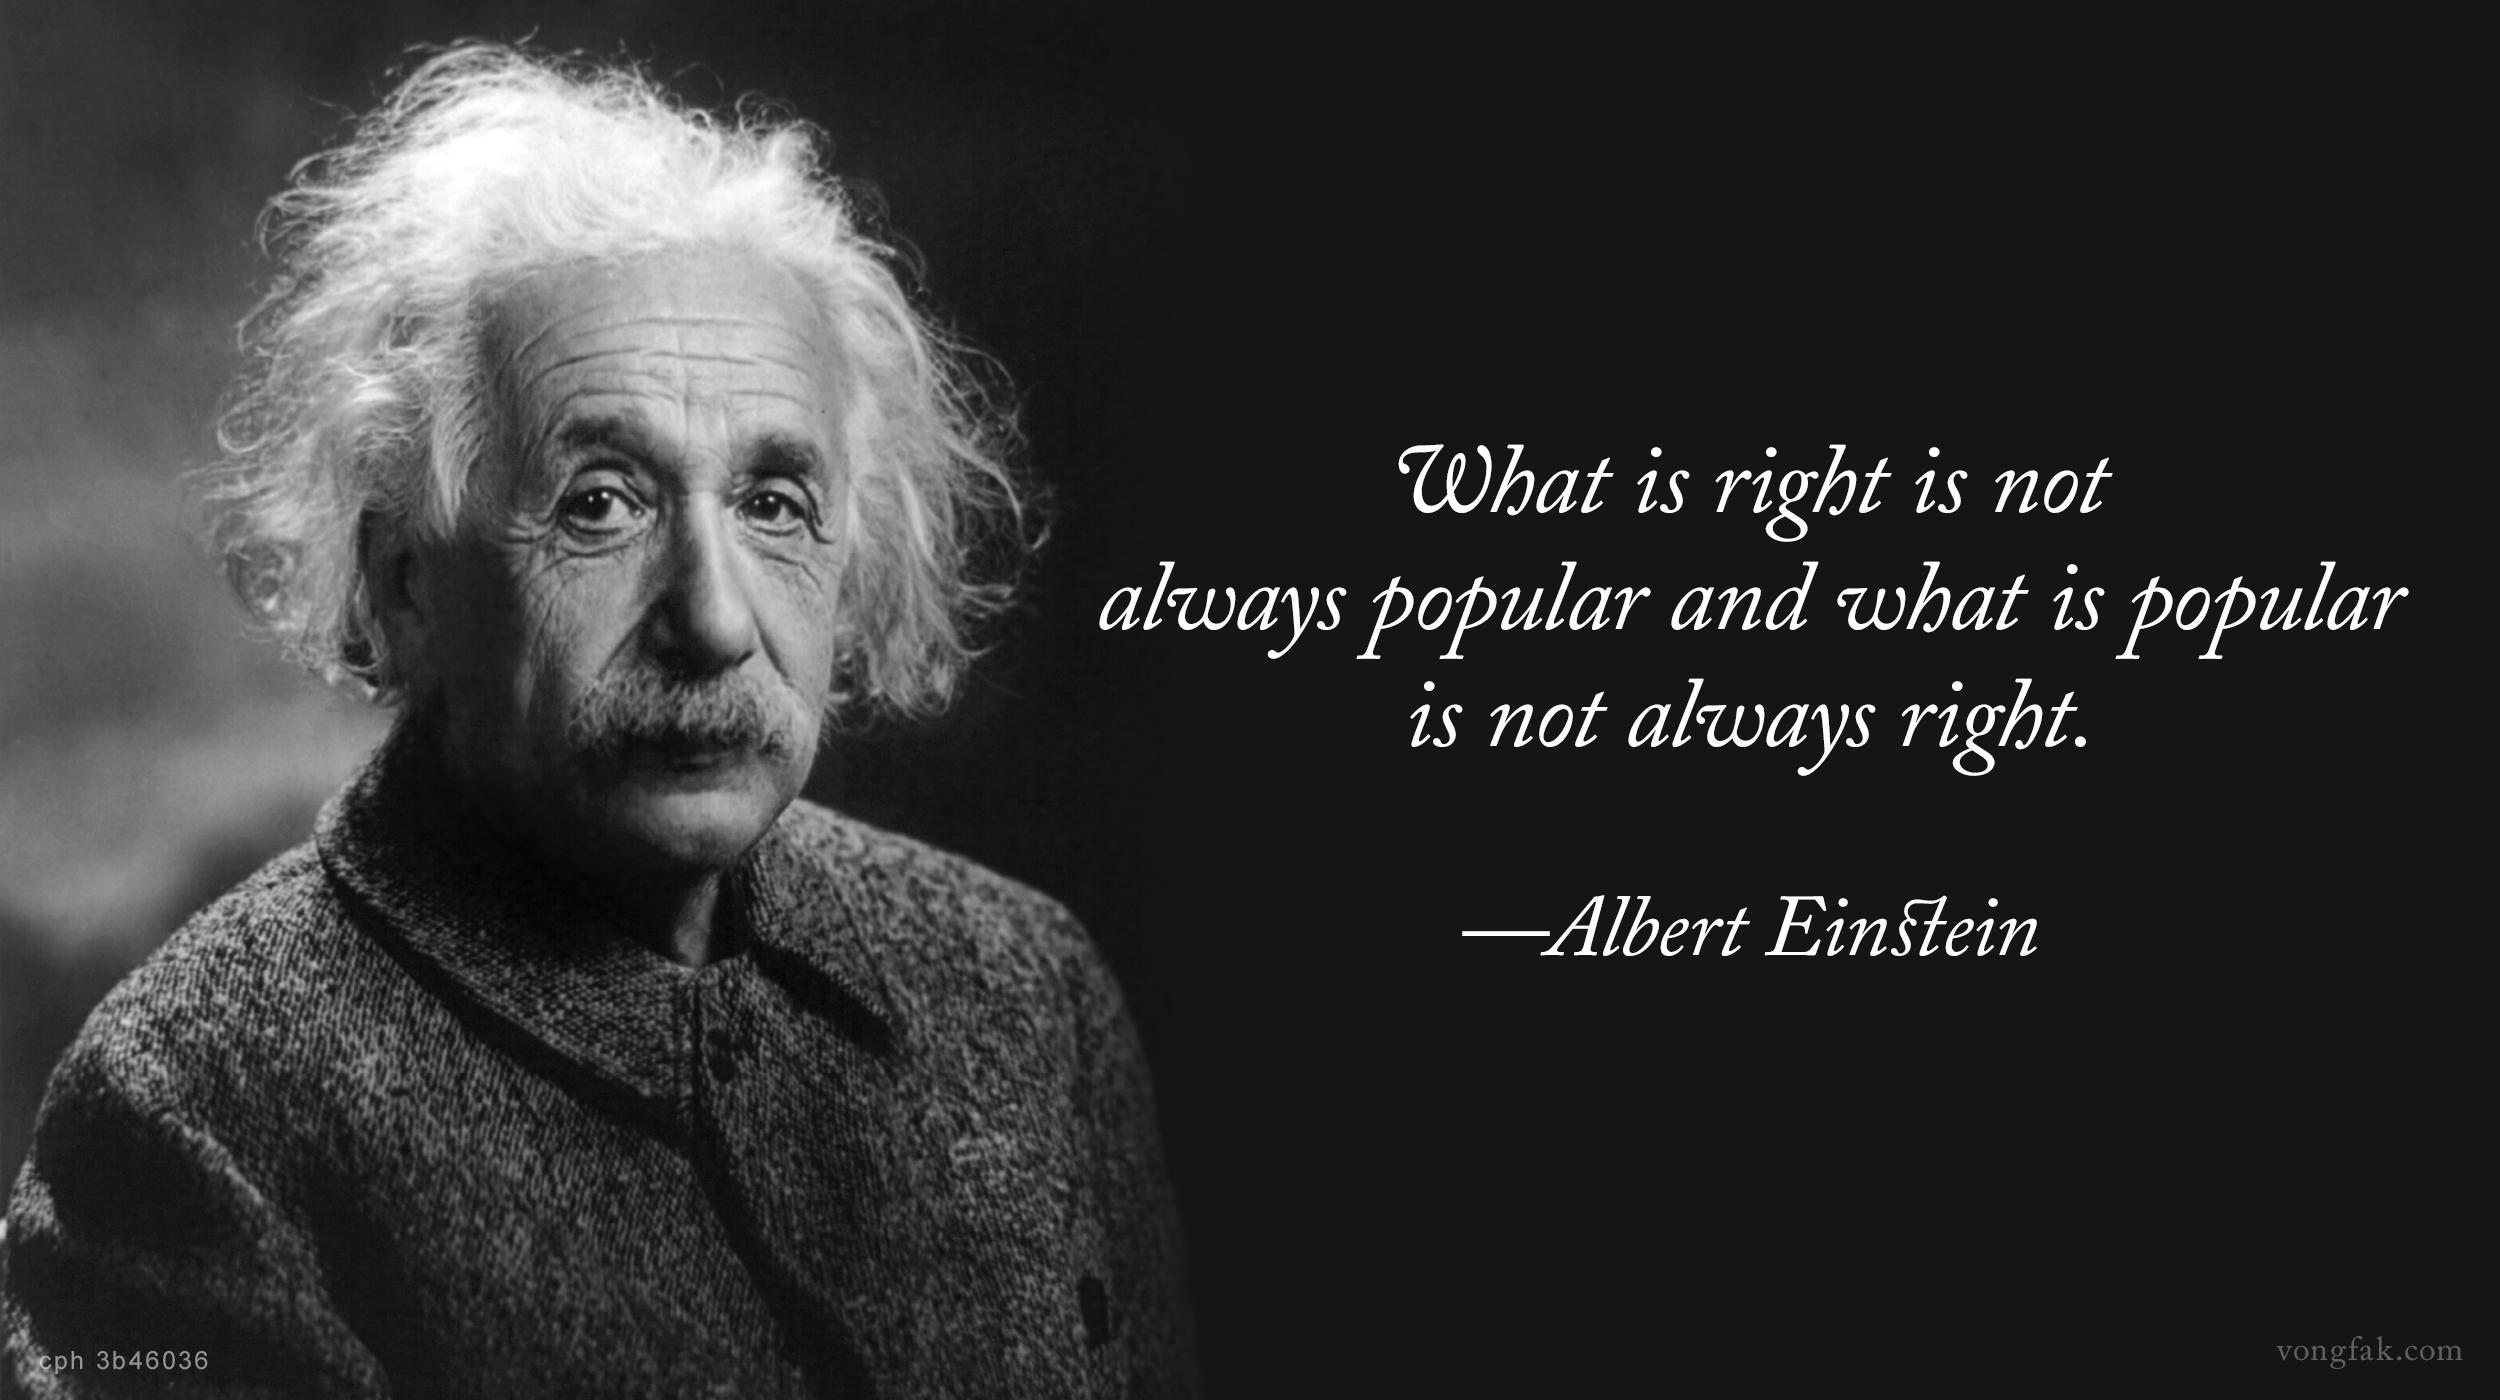 Quote_AlbertEinstein_23.png